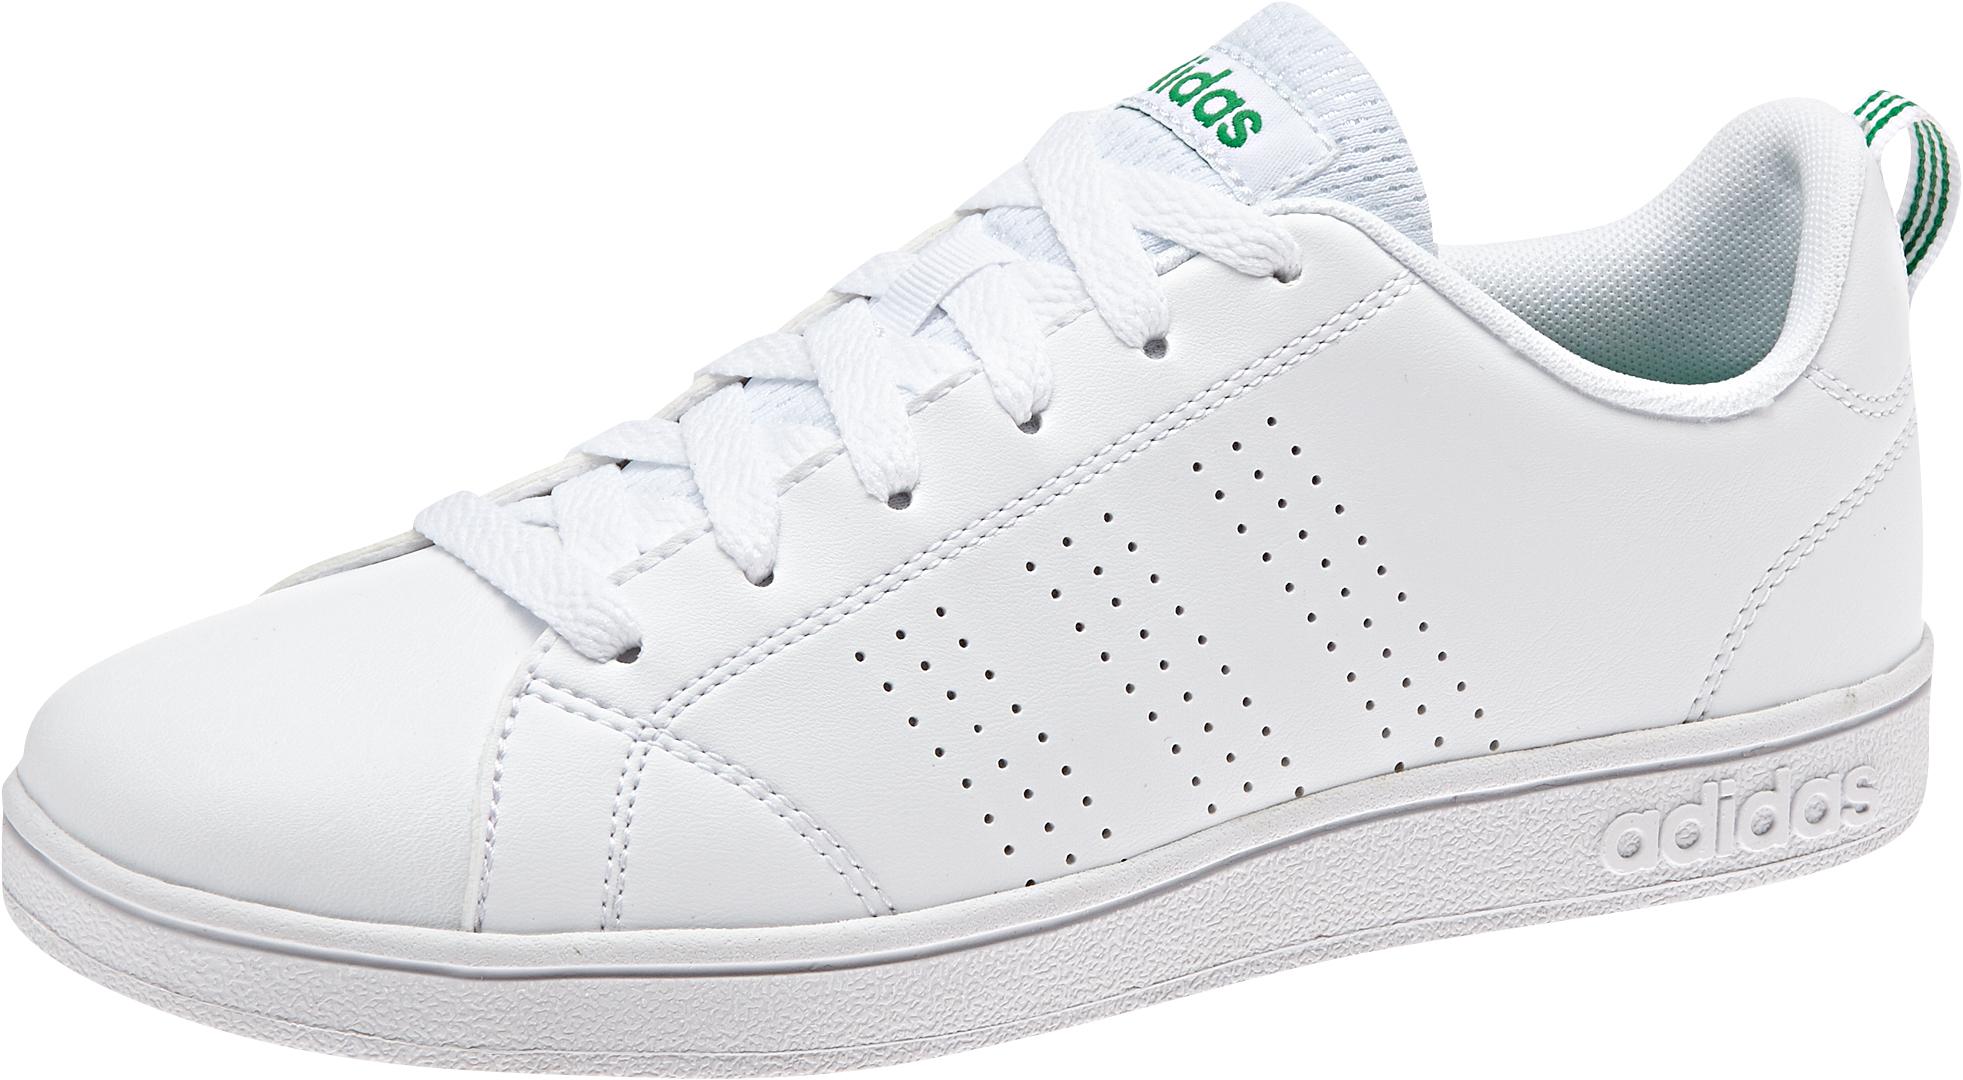 adidas scarpe bianche vendita, fino a 39% di sconti